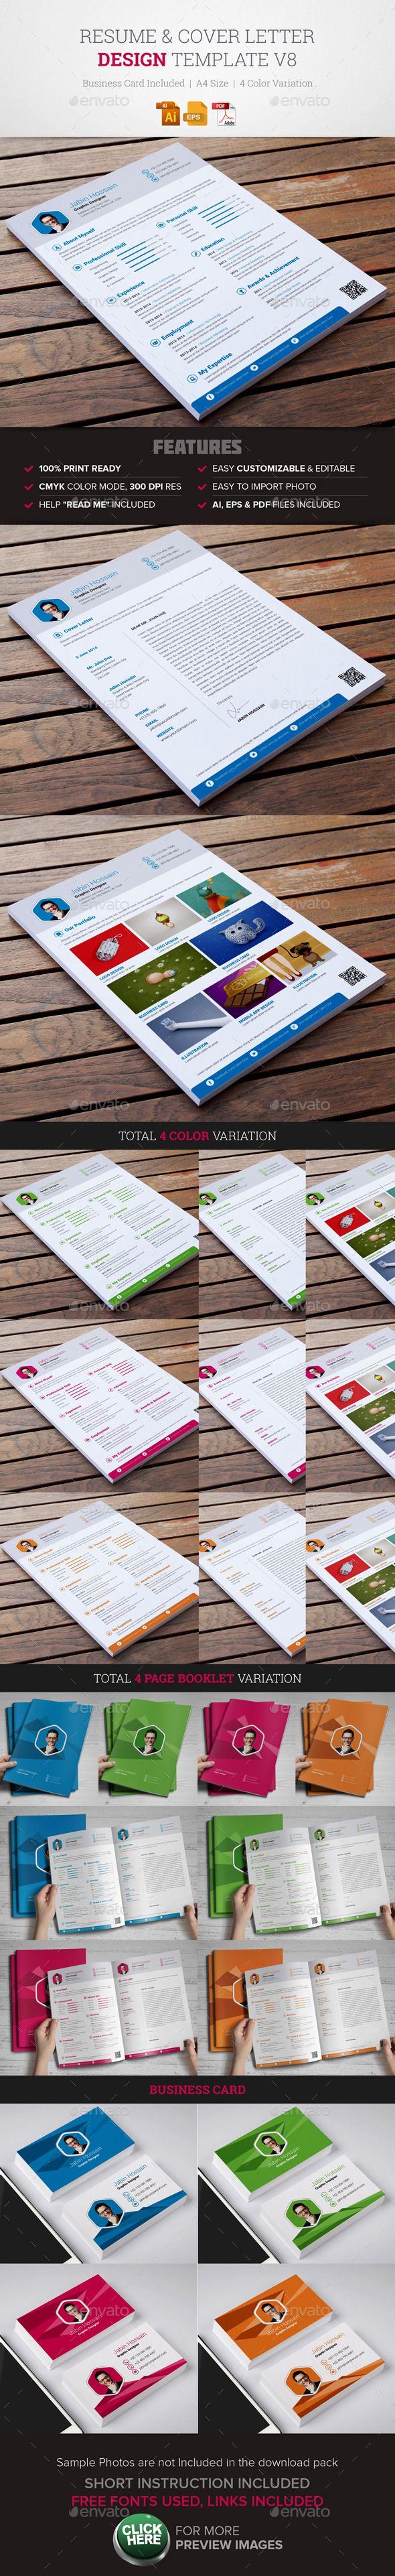 resume cover letter template v8